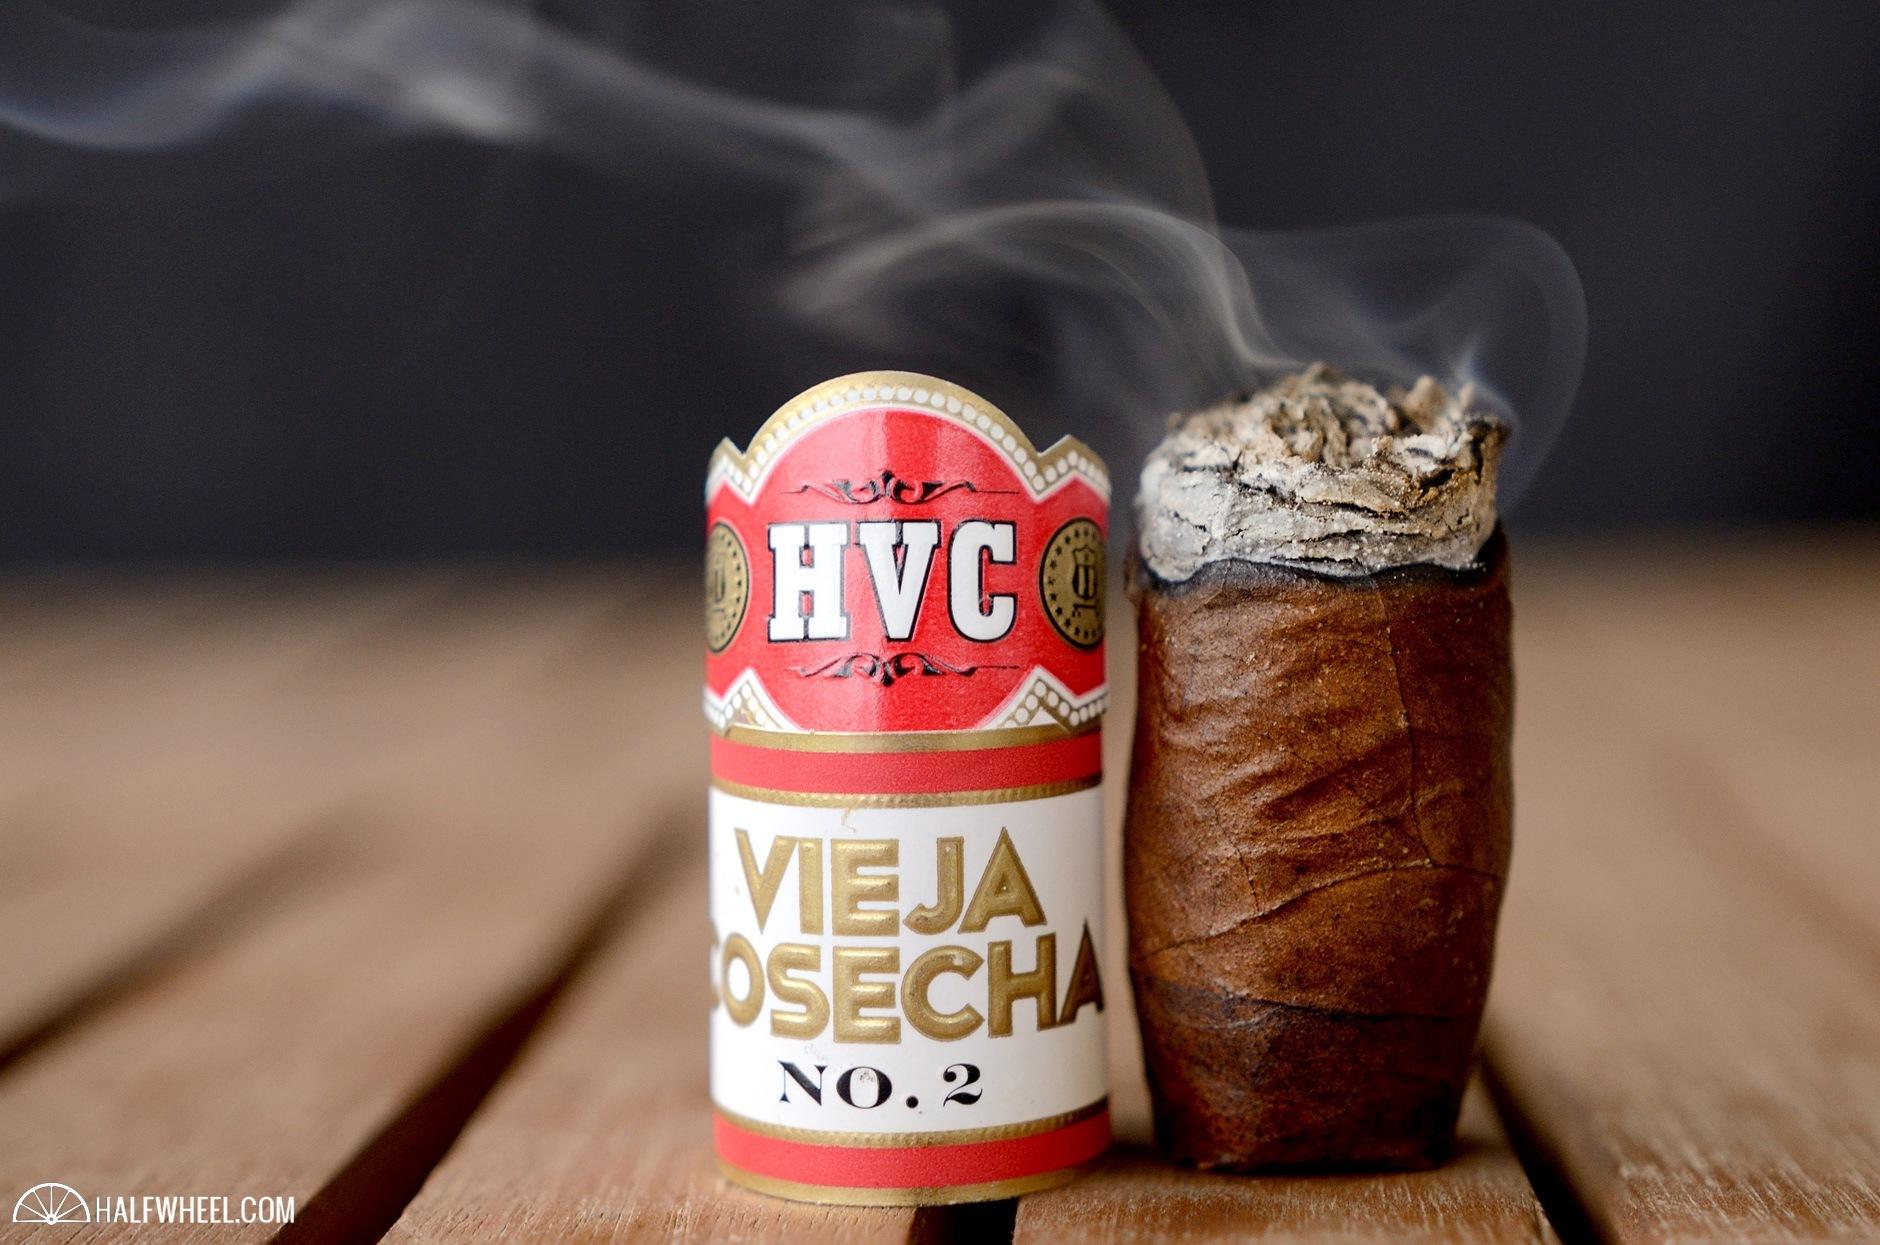 HVC Vieja Cosecha No.2 4